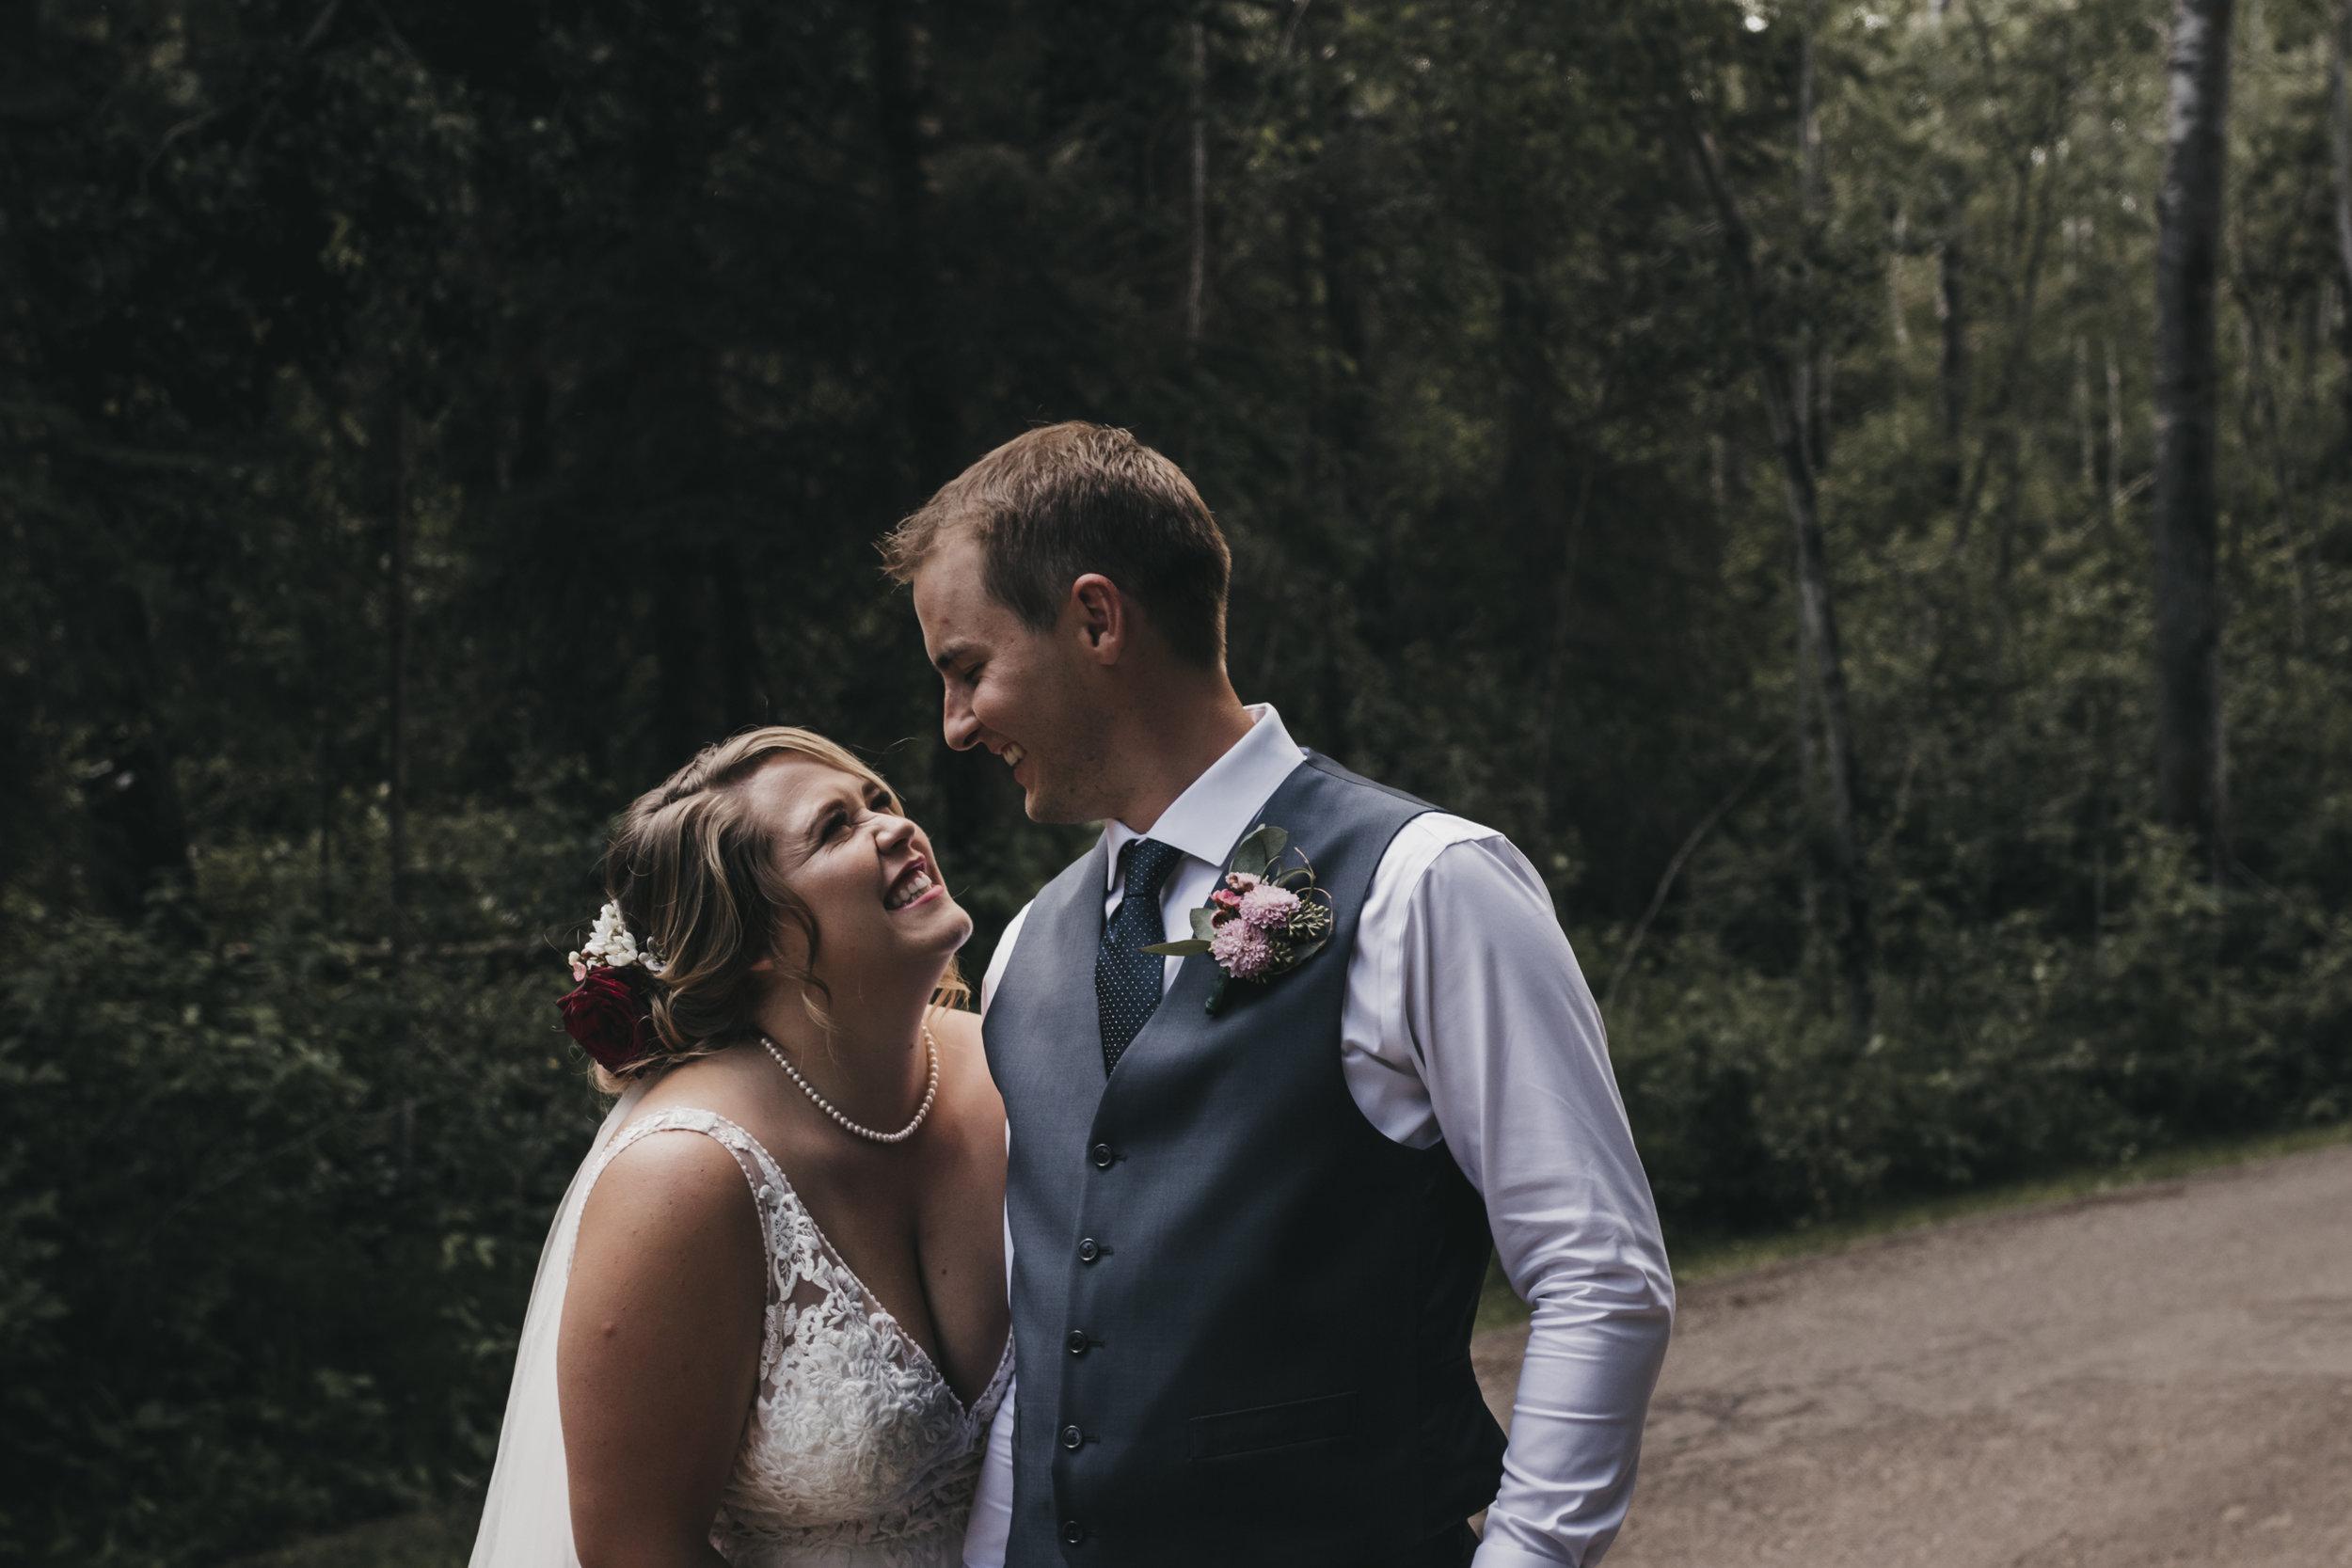 Kim & Shayne's Wedding - Allie Knull's Photography - St.Paul Wedding